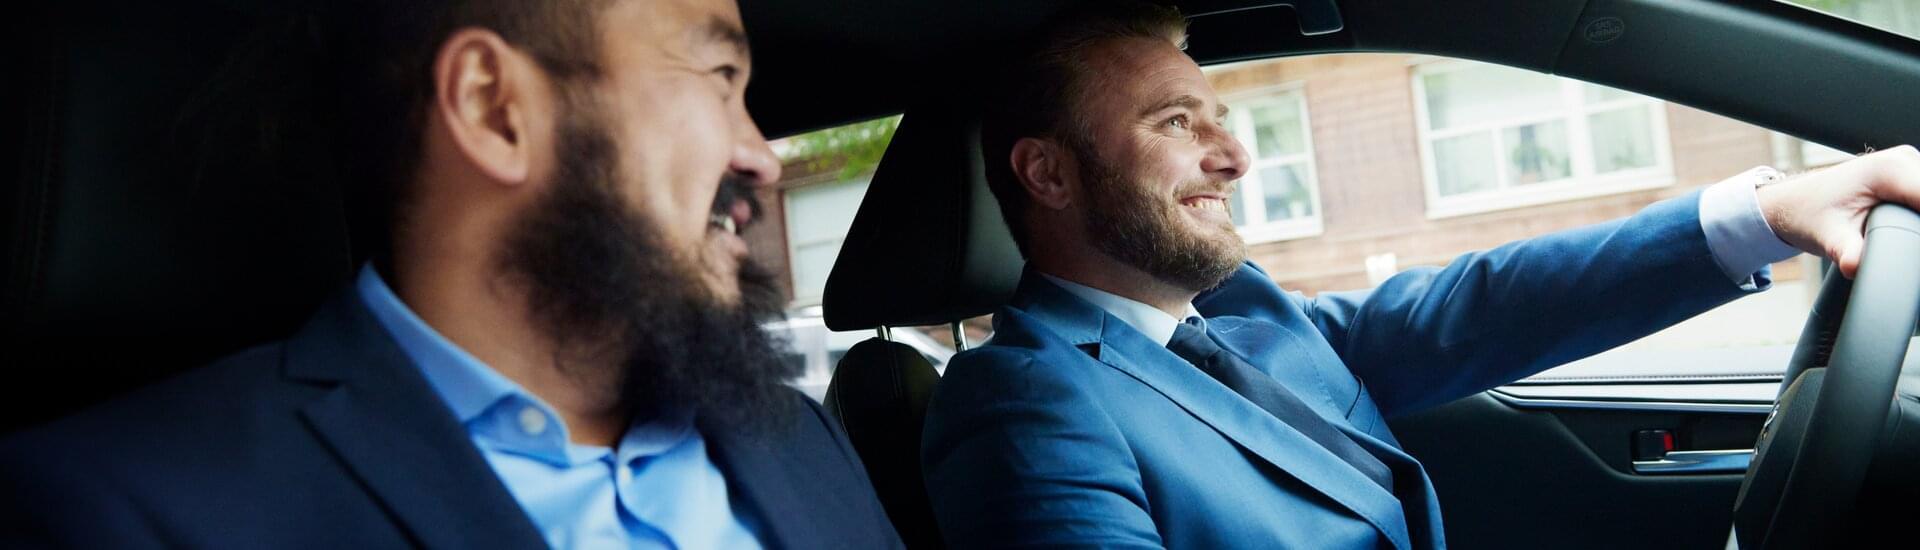 Glada män i bil